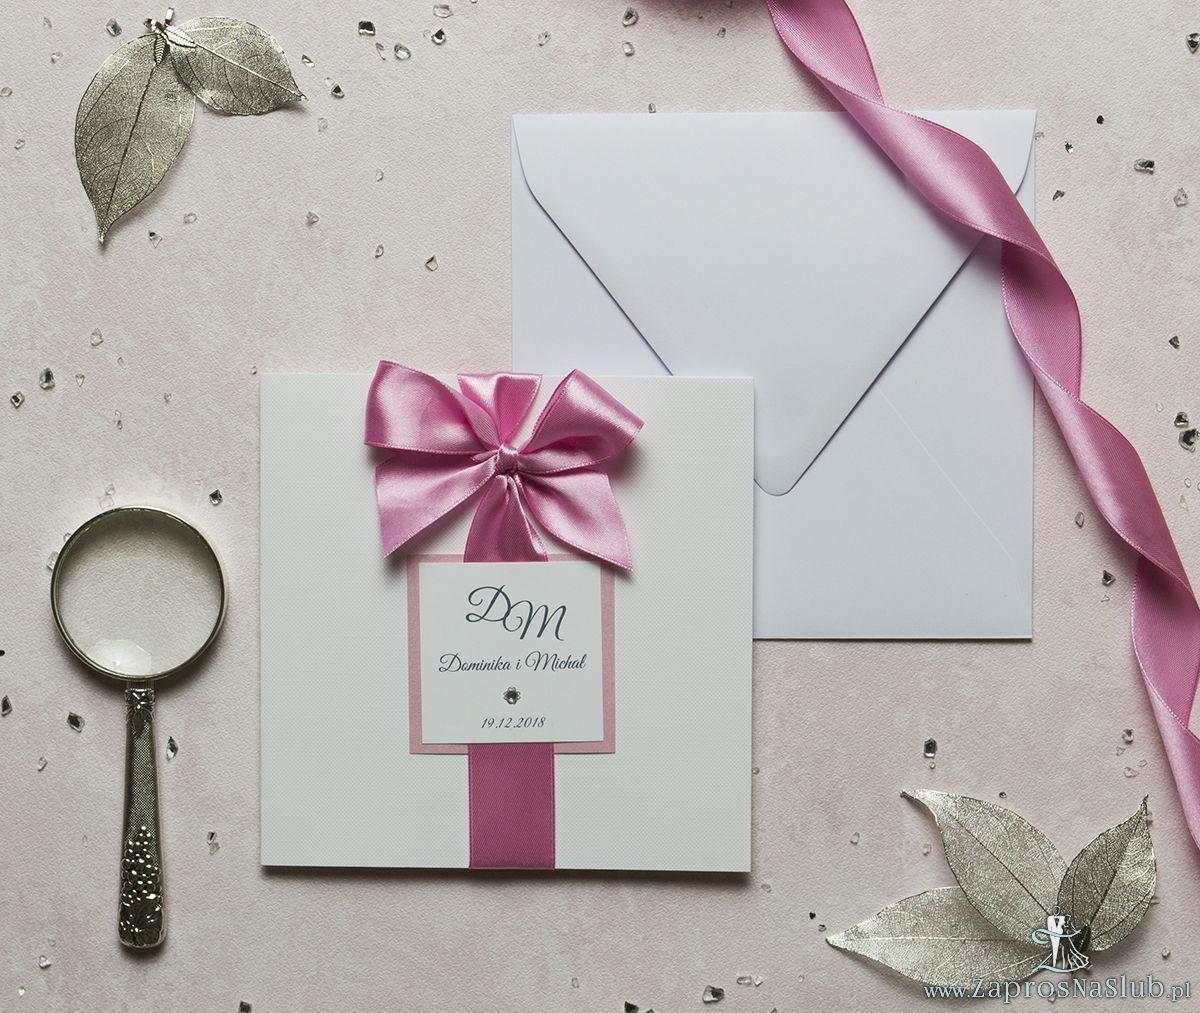 Niezwykle eleganckie zaproszenia ślubne z dwuwarstwowym motywem tekstowym, cyrkonią, różową wstążką oraz wklejanym wnętrzem. ZAP-63-93